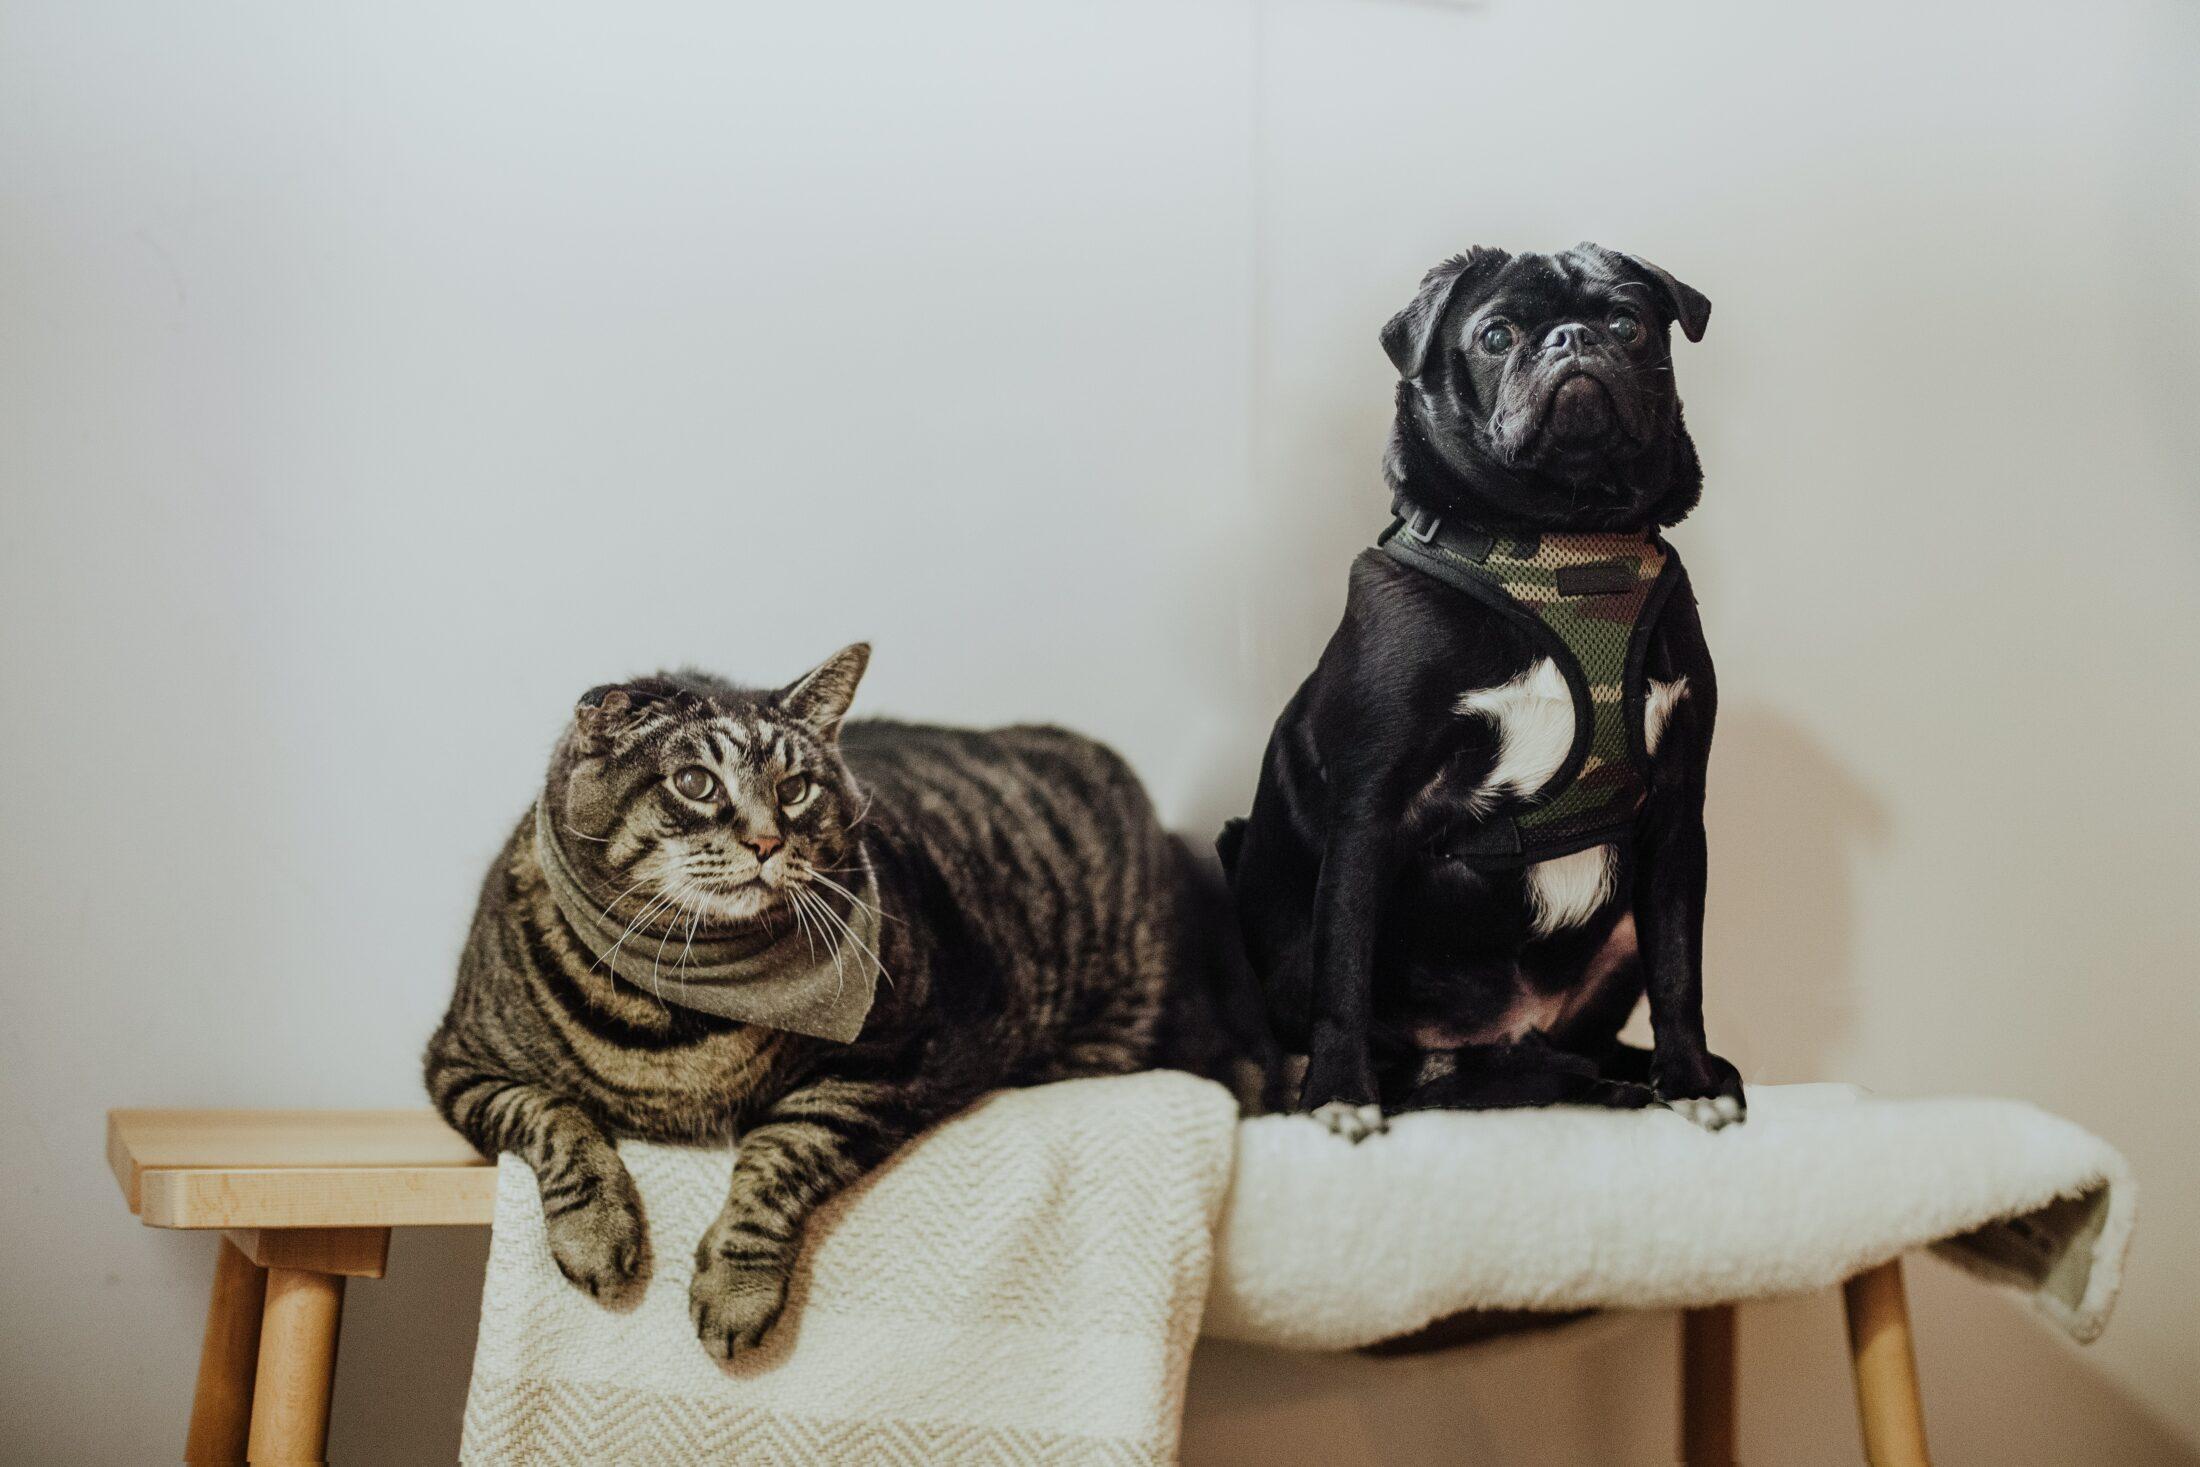 Cachorro e gato juntos em cima do móvel